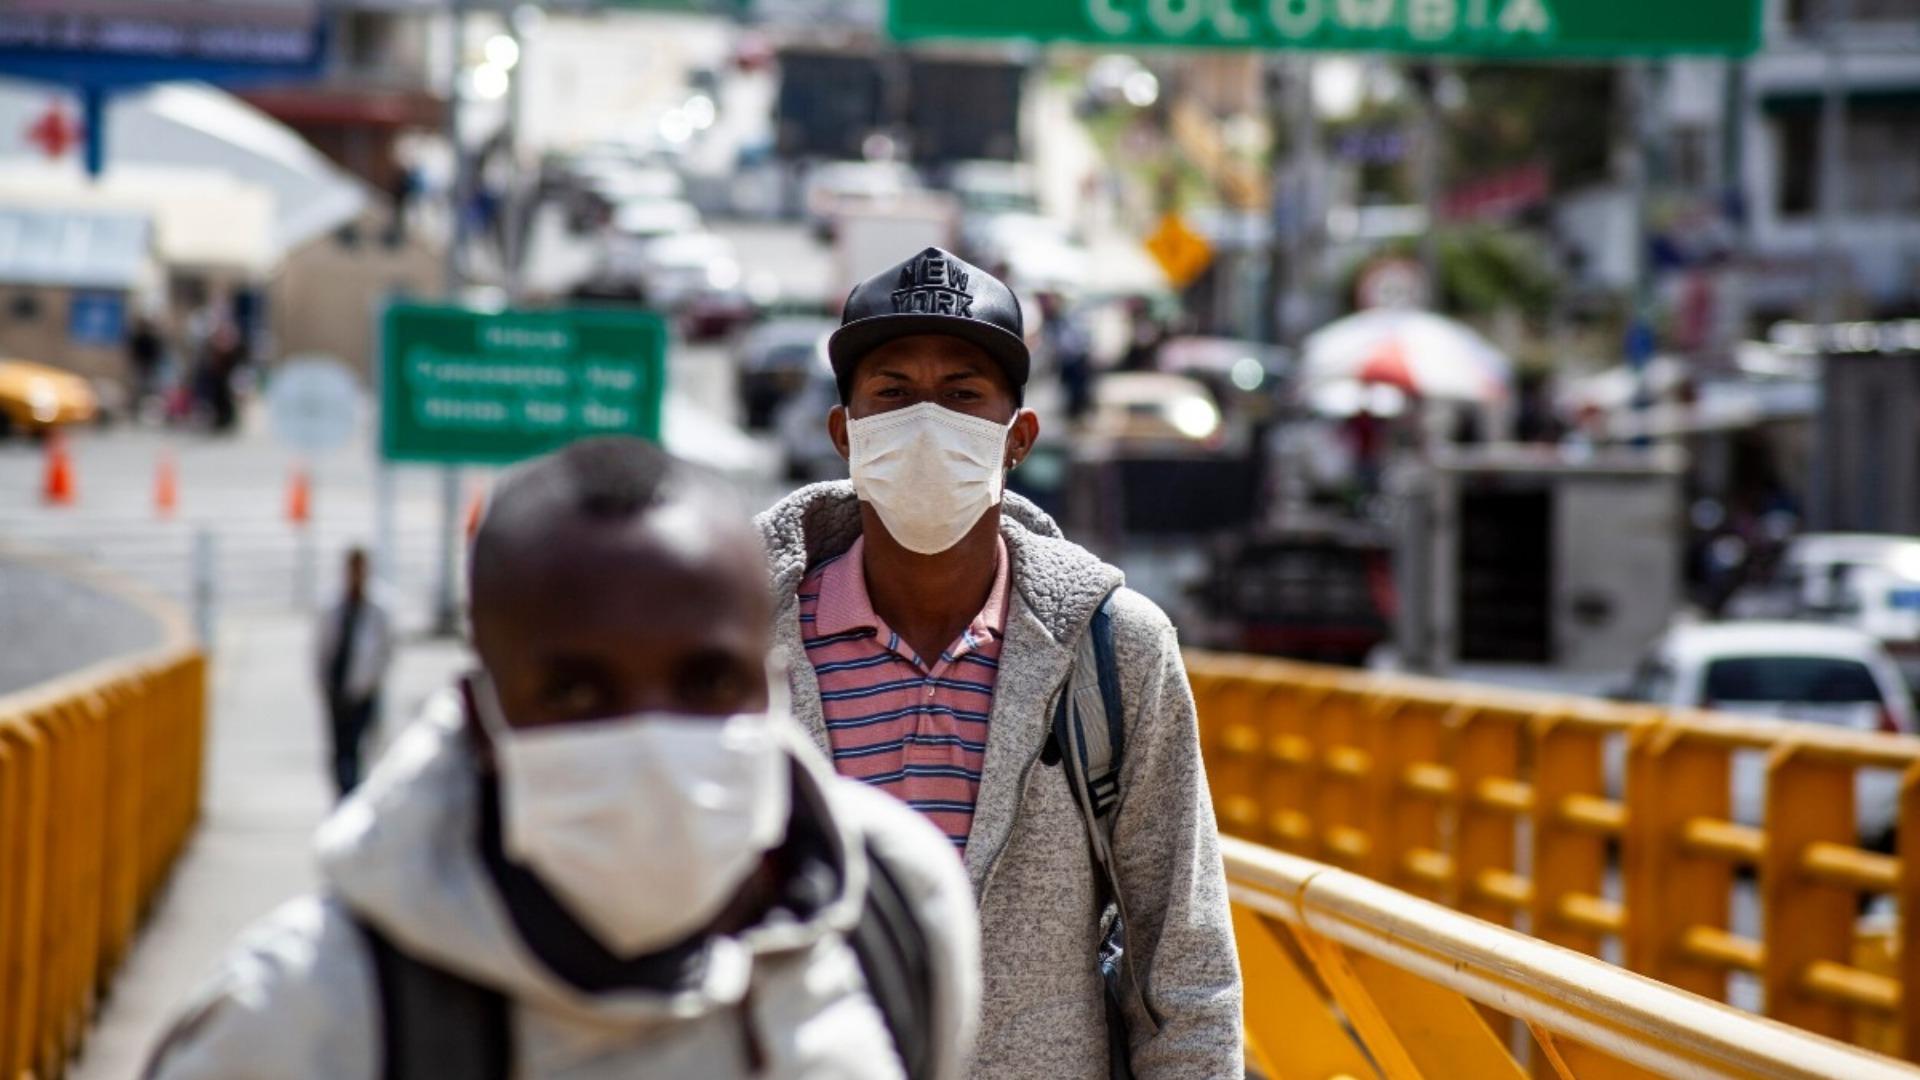 """ACNUR: """"La pandemia ha vuelto aún más vulnerable el gran éxodo venezolano"""""""